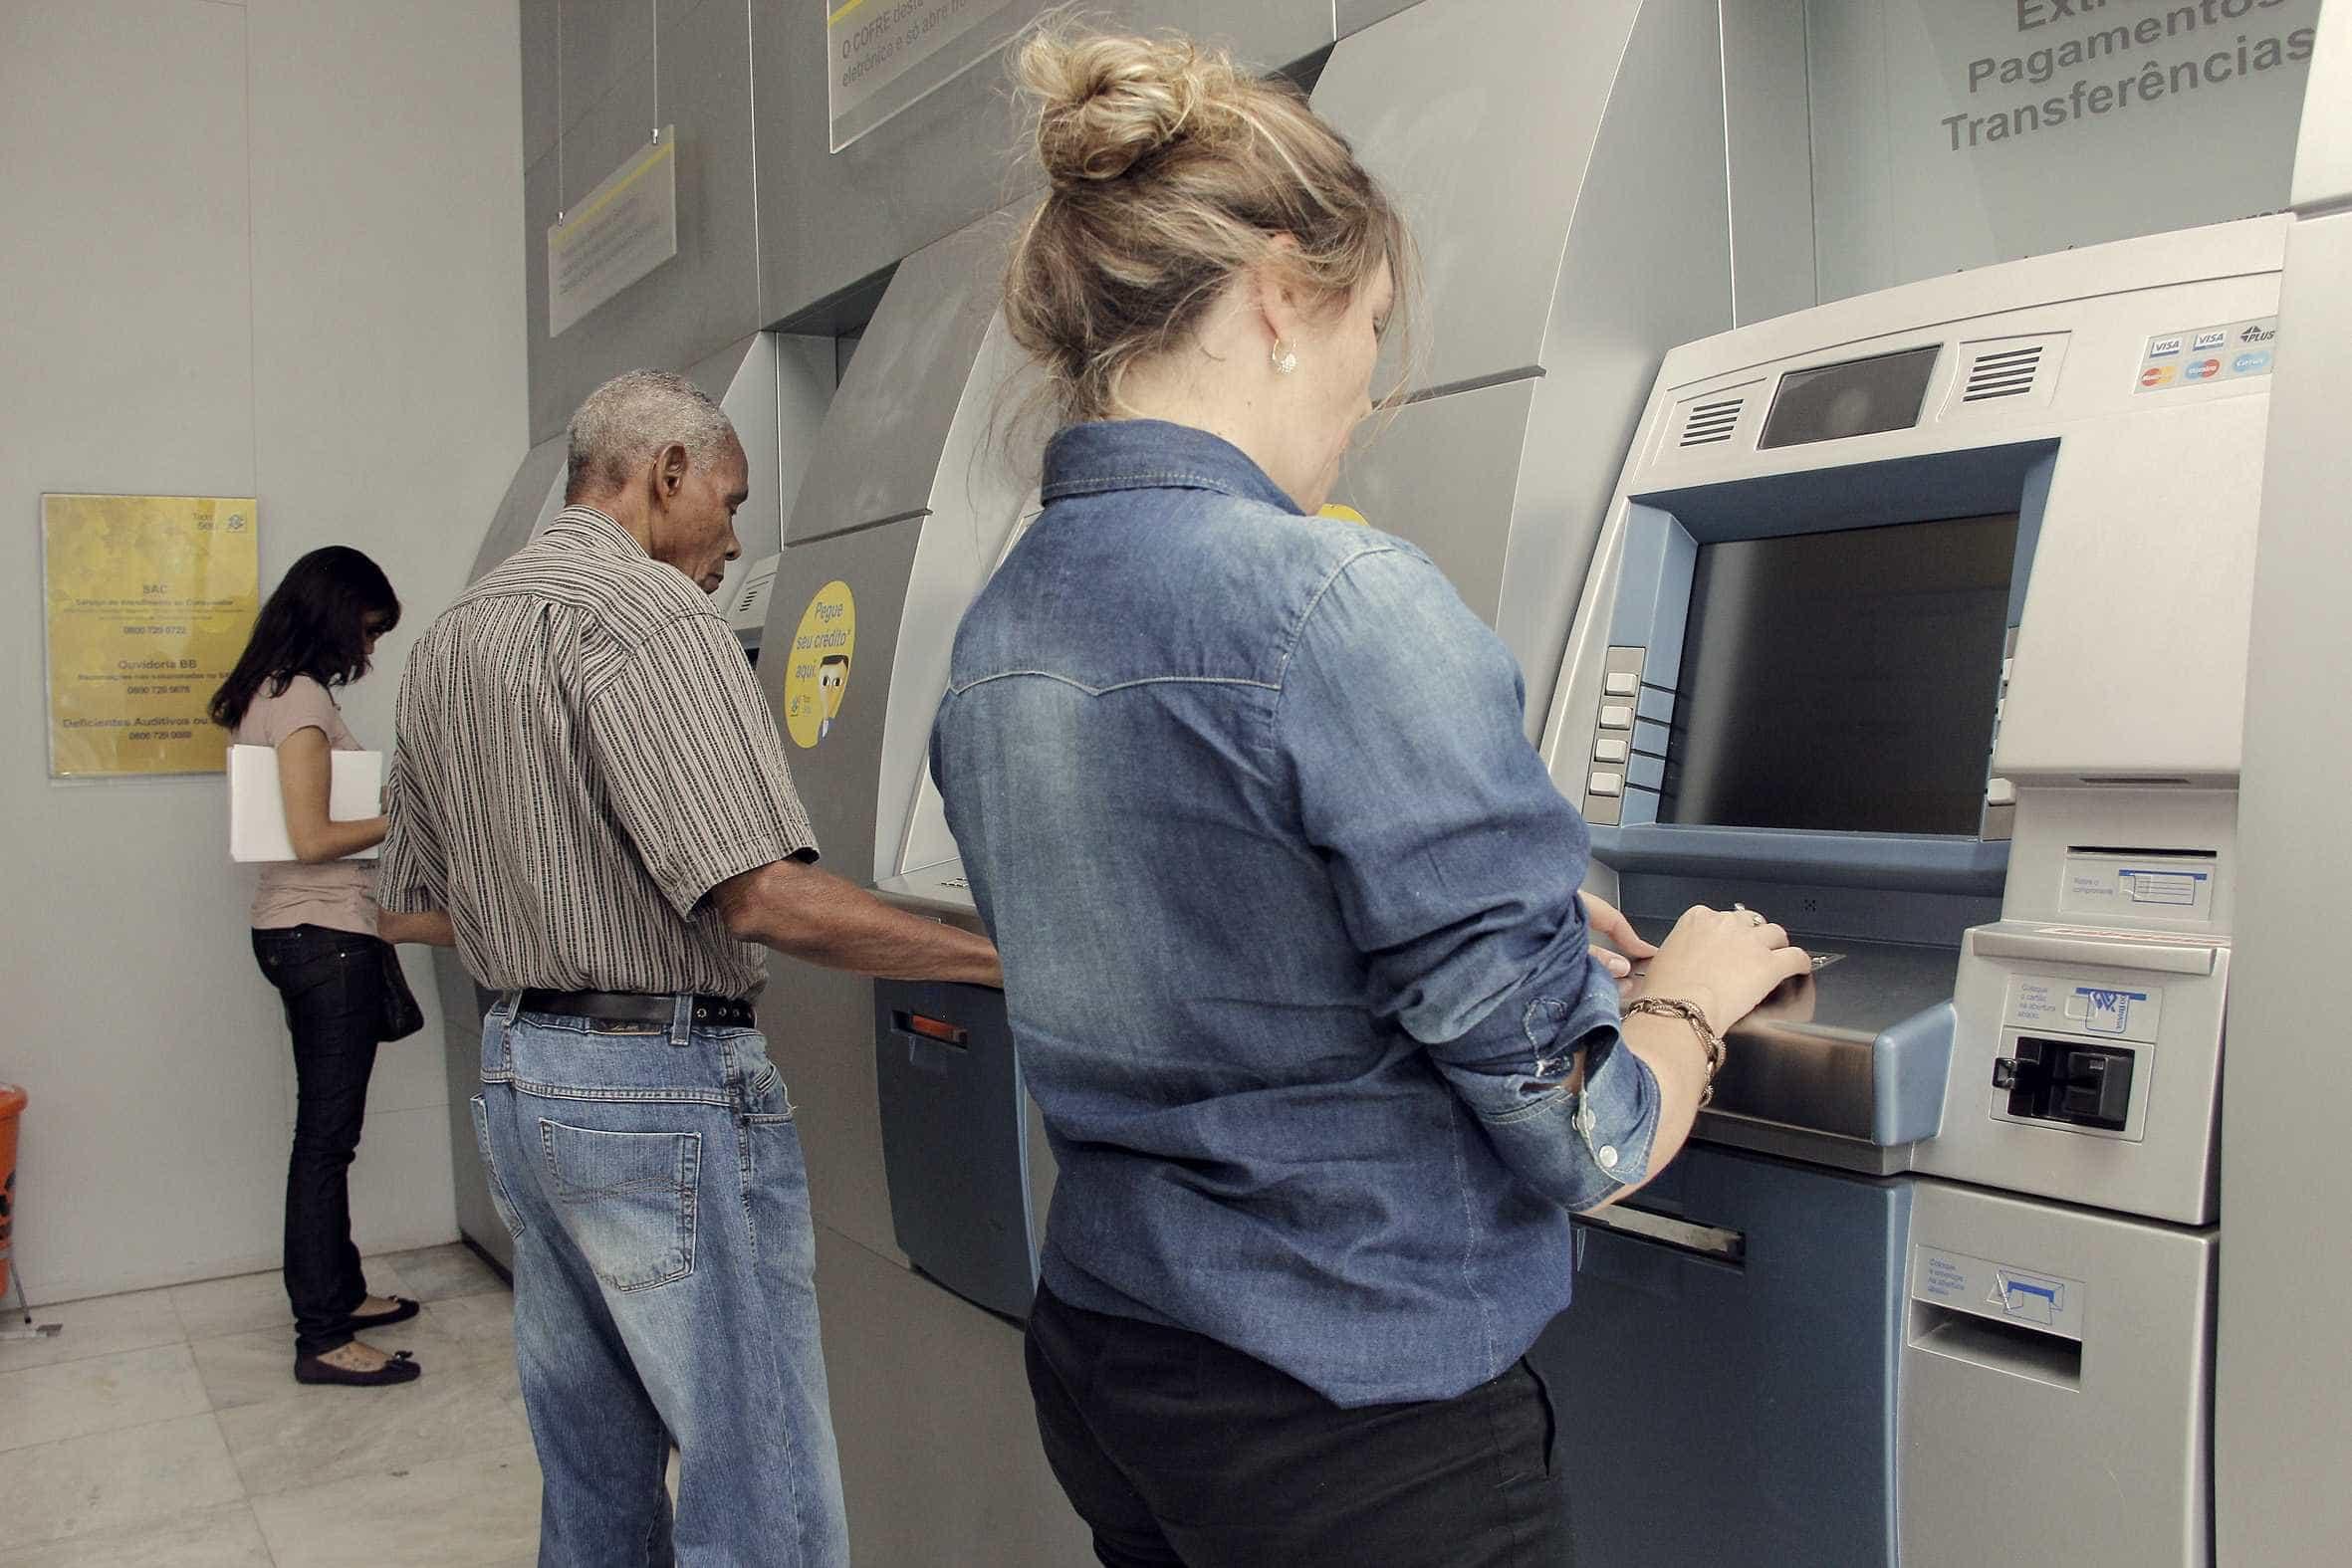 Saques do PIS/Pasep podem injetar até R$ 10,3 bi no comércio, diz CNC